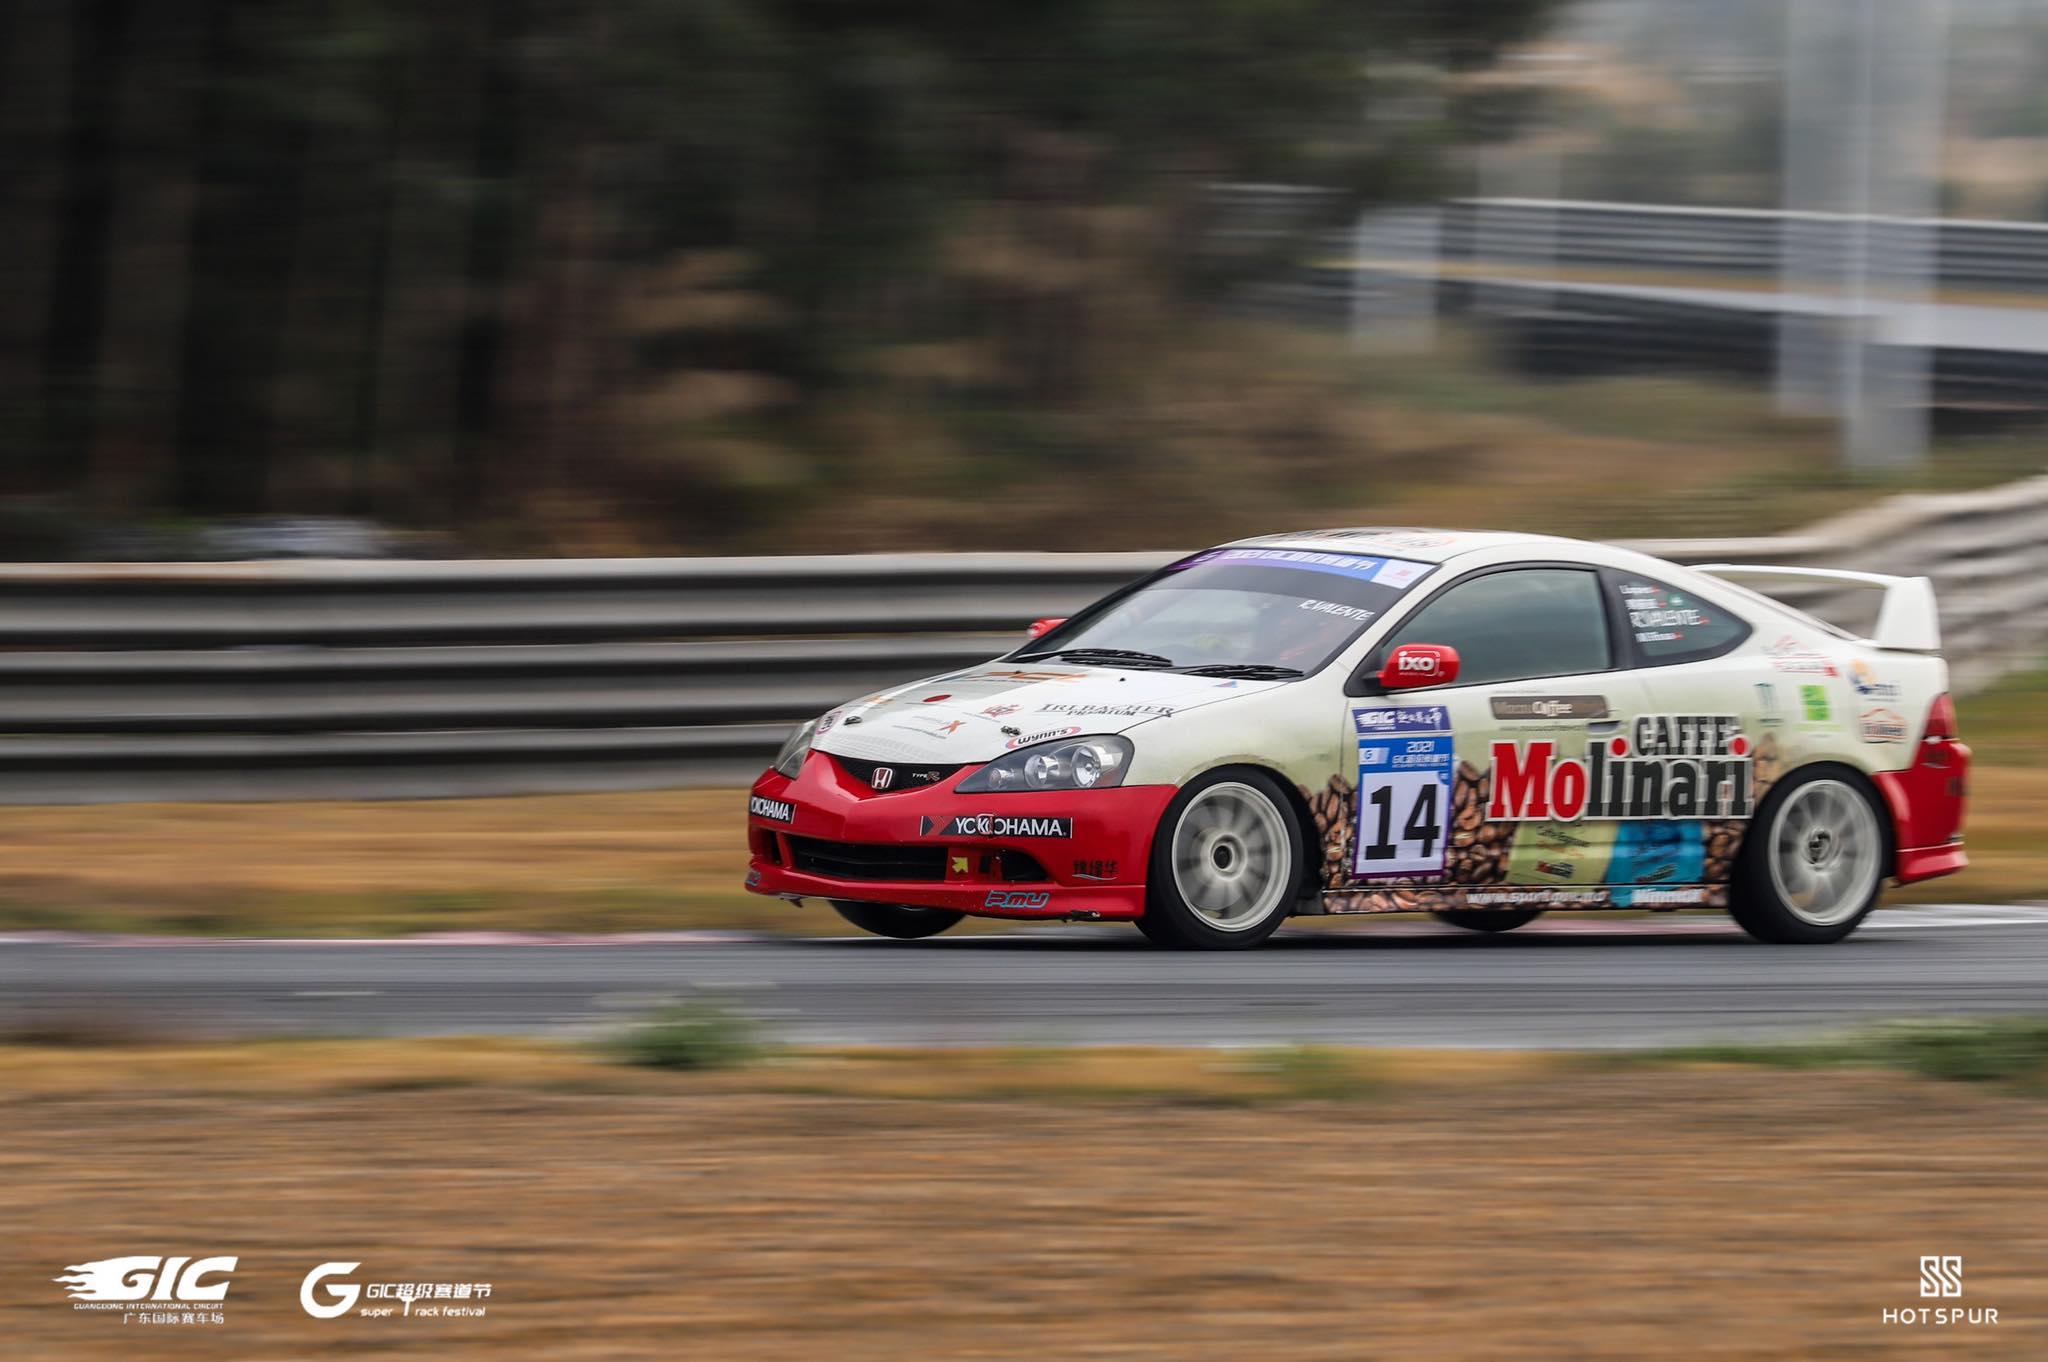 Automobilismo | Rui Valente apronta regresso do quarteto macaense